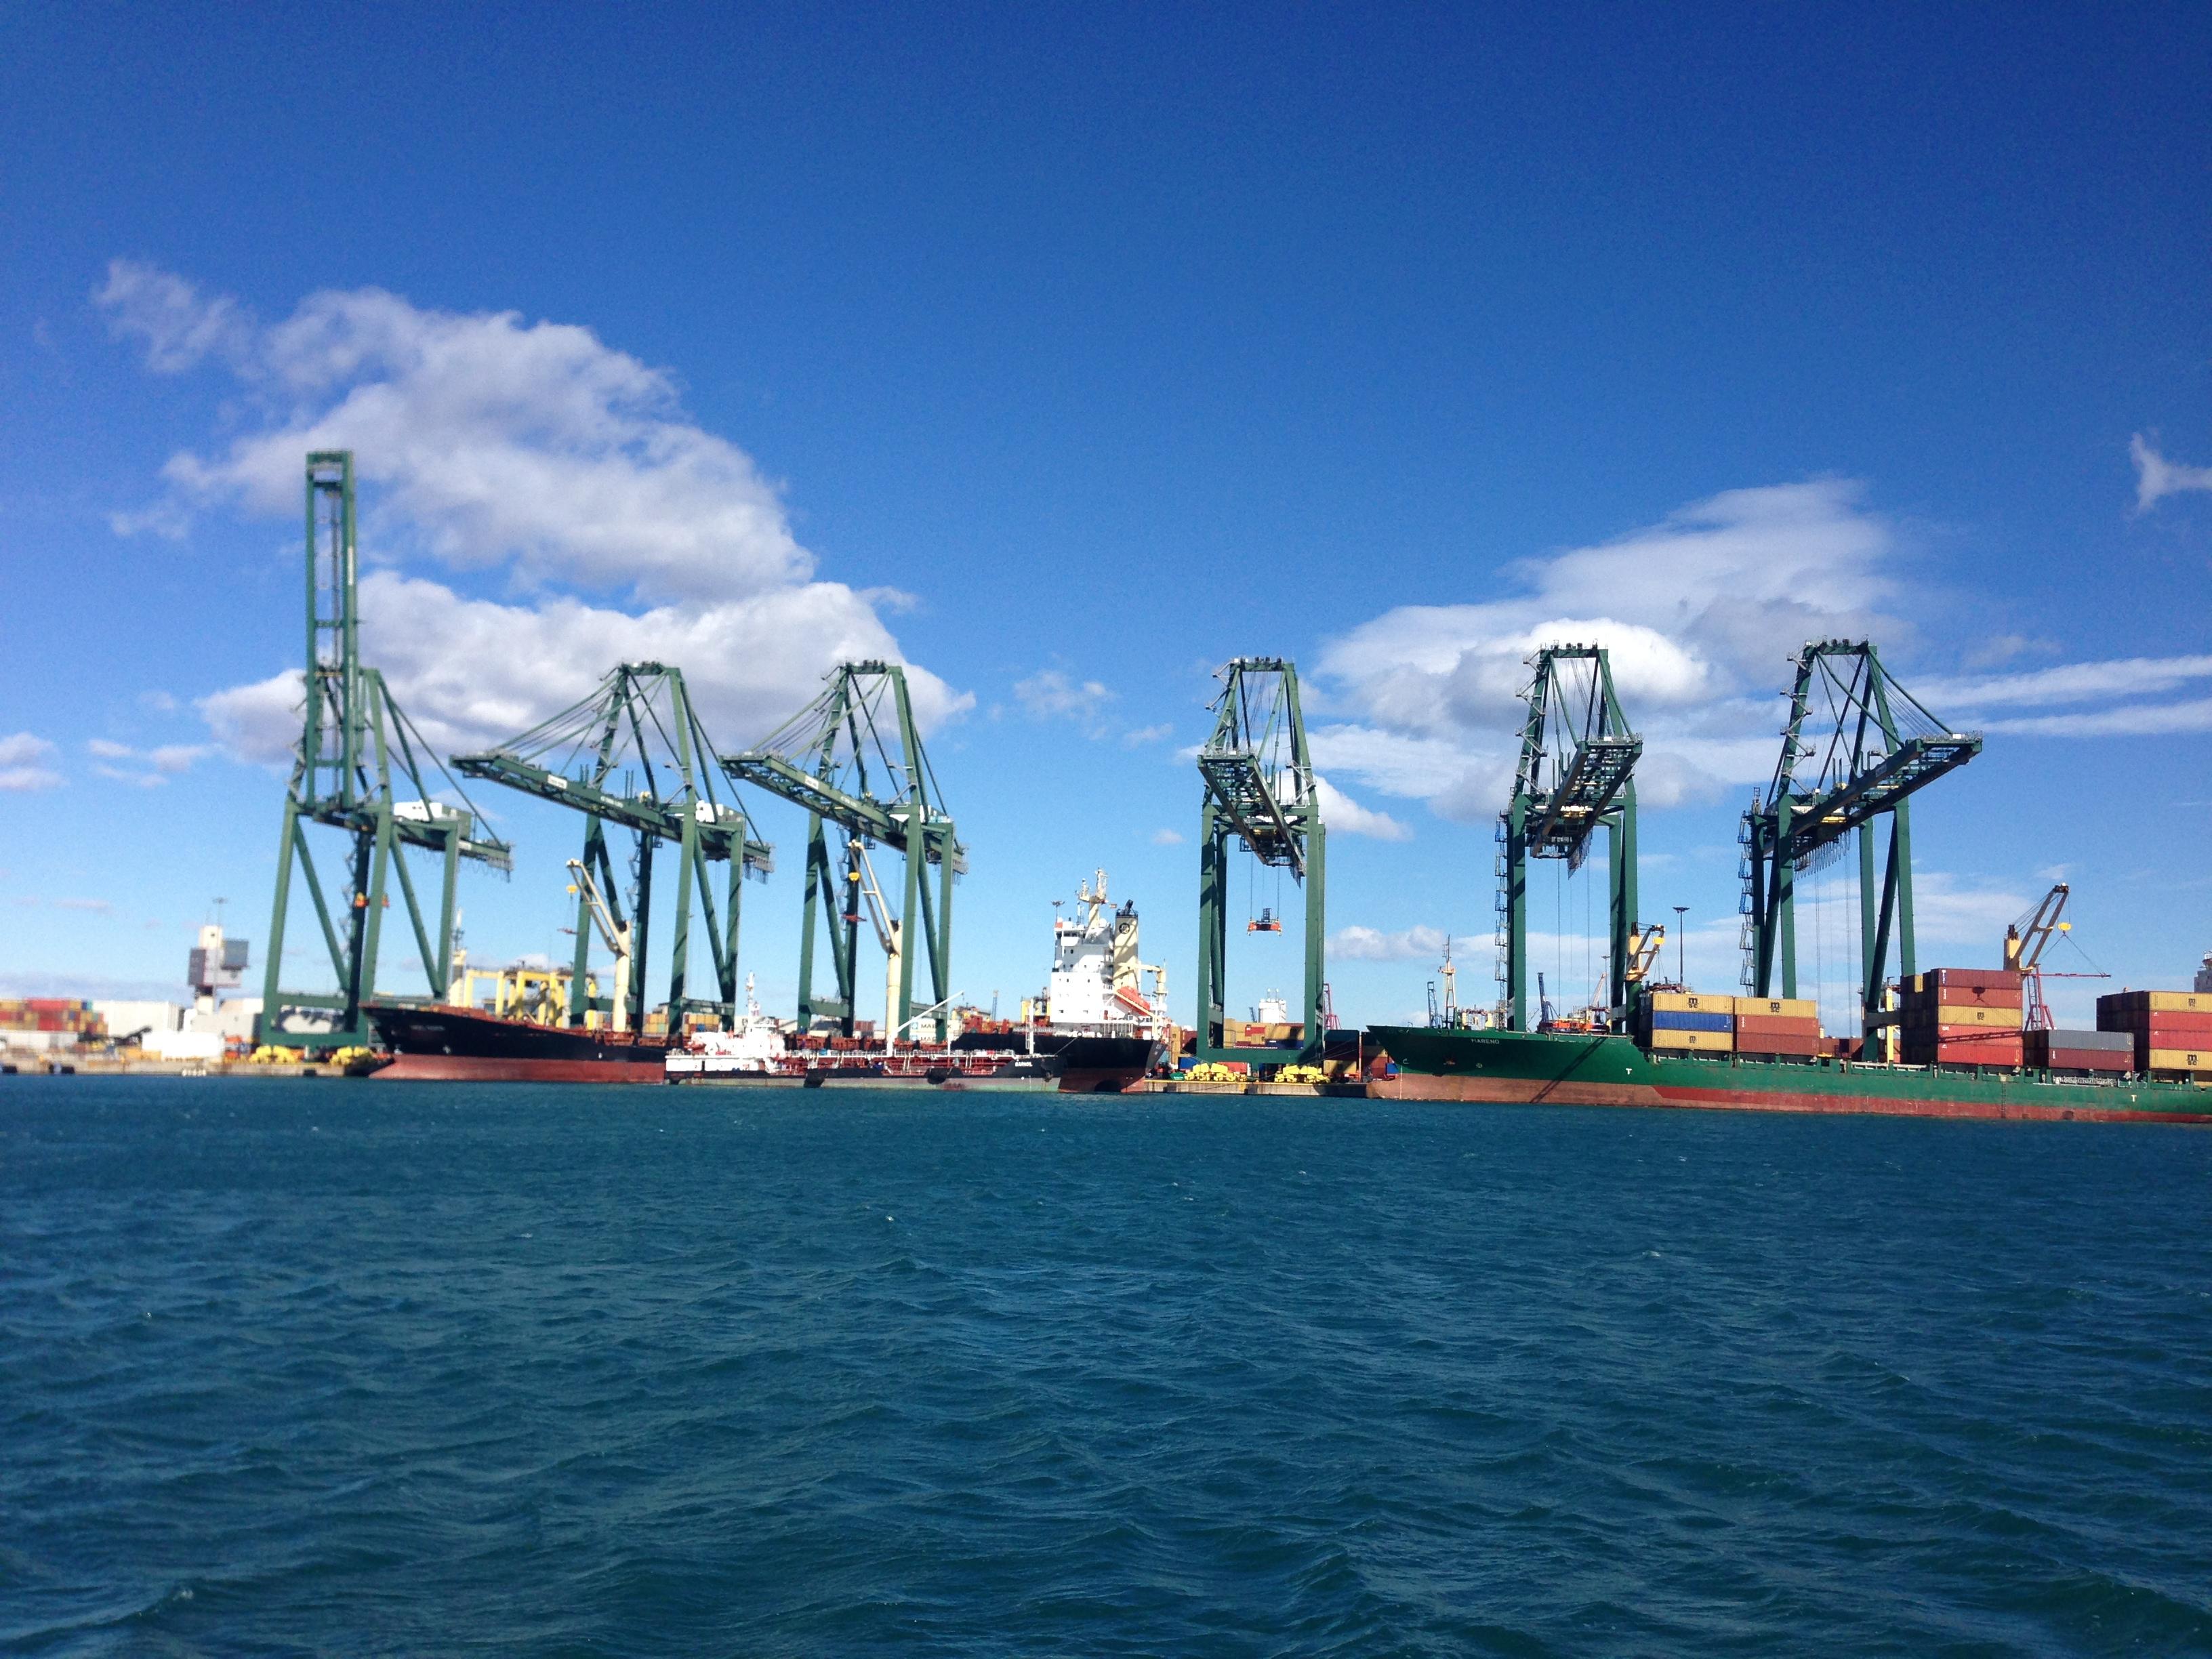 transporte marítimo con oriente medio